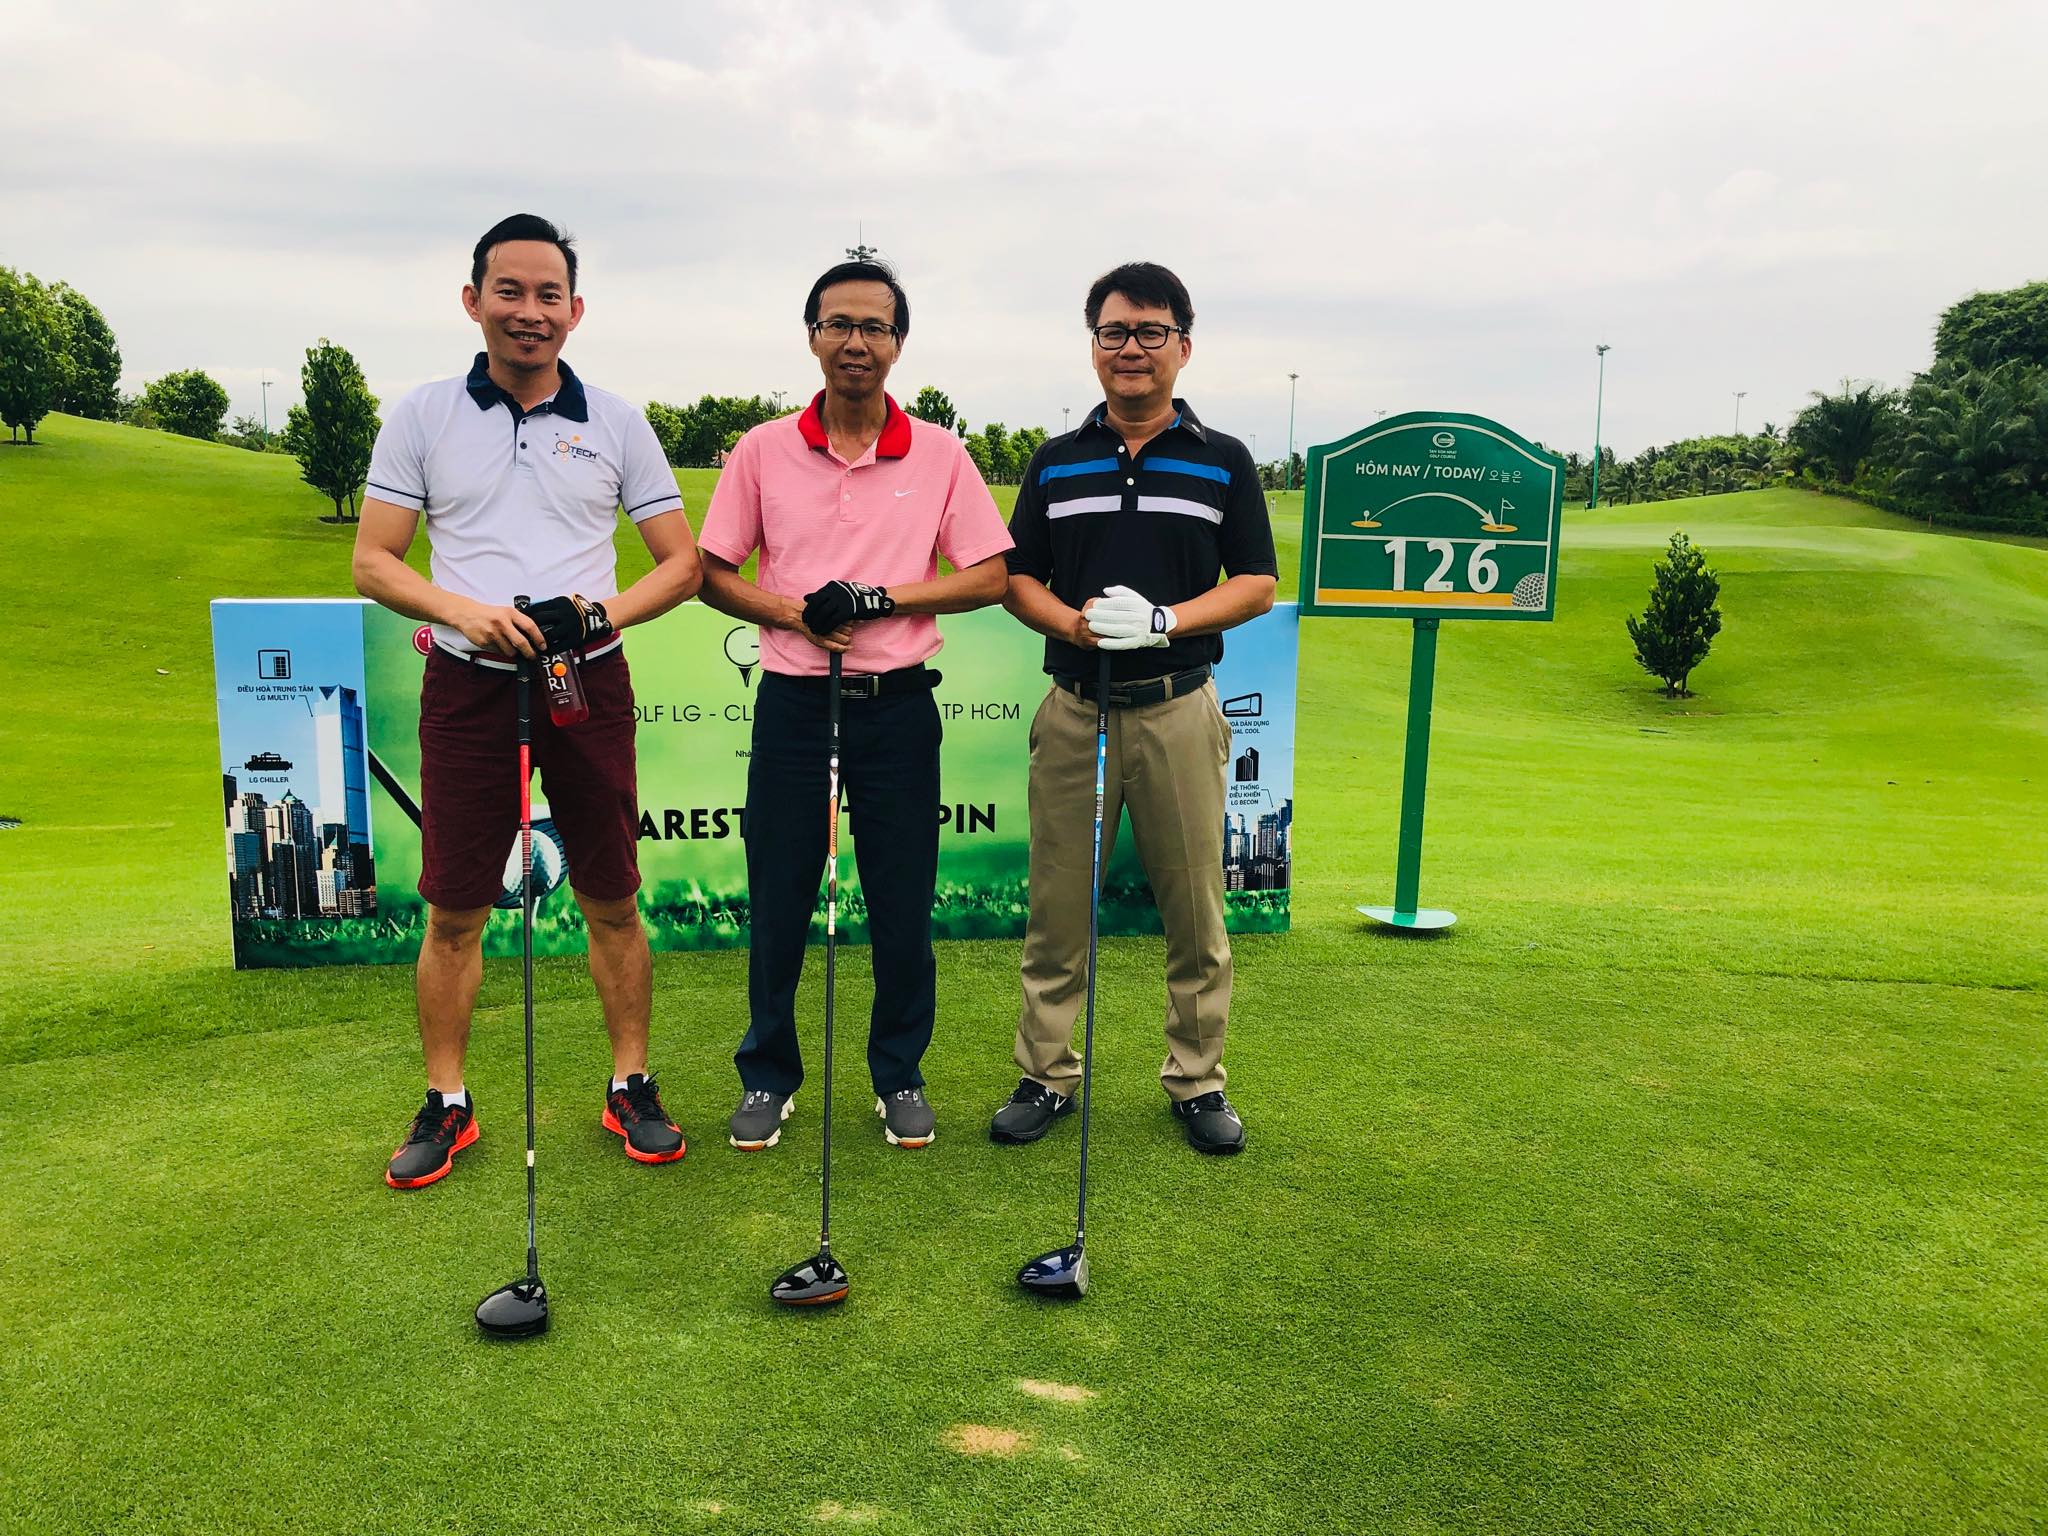 """Chơi golf kết nối doanh nhân giữa mùa hè nắng nóng – Làm cách nào để """"năng lượng đem lại ngân lượng"""" tốt nhất?"""